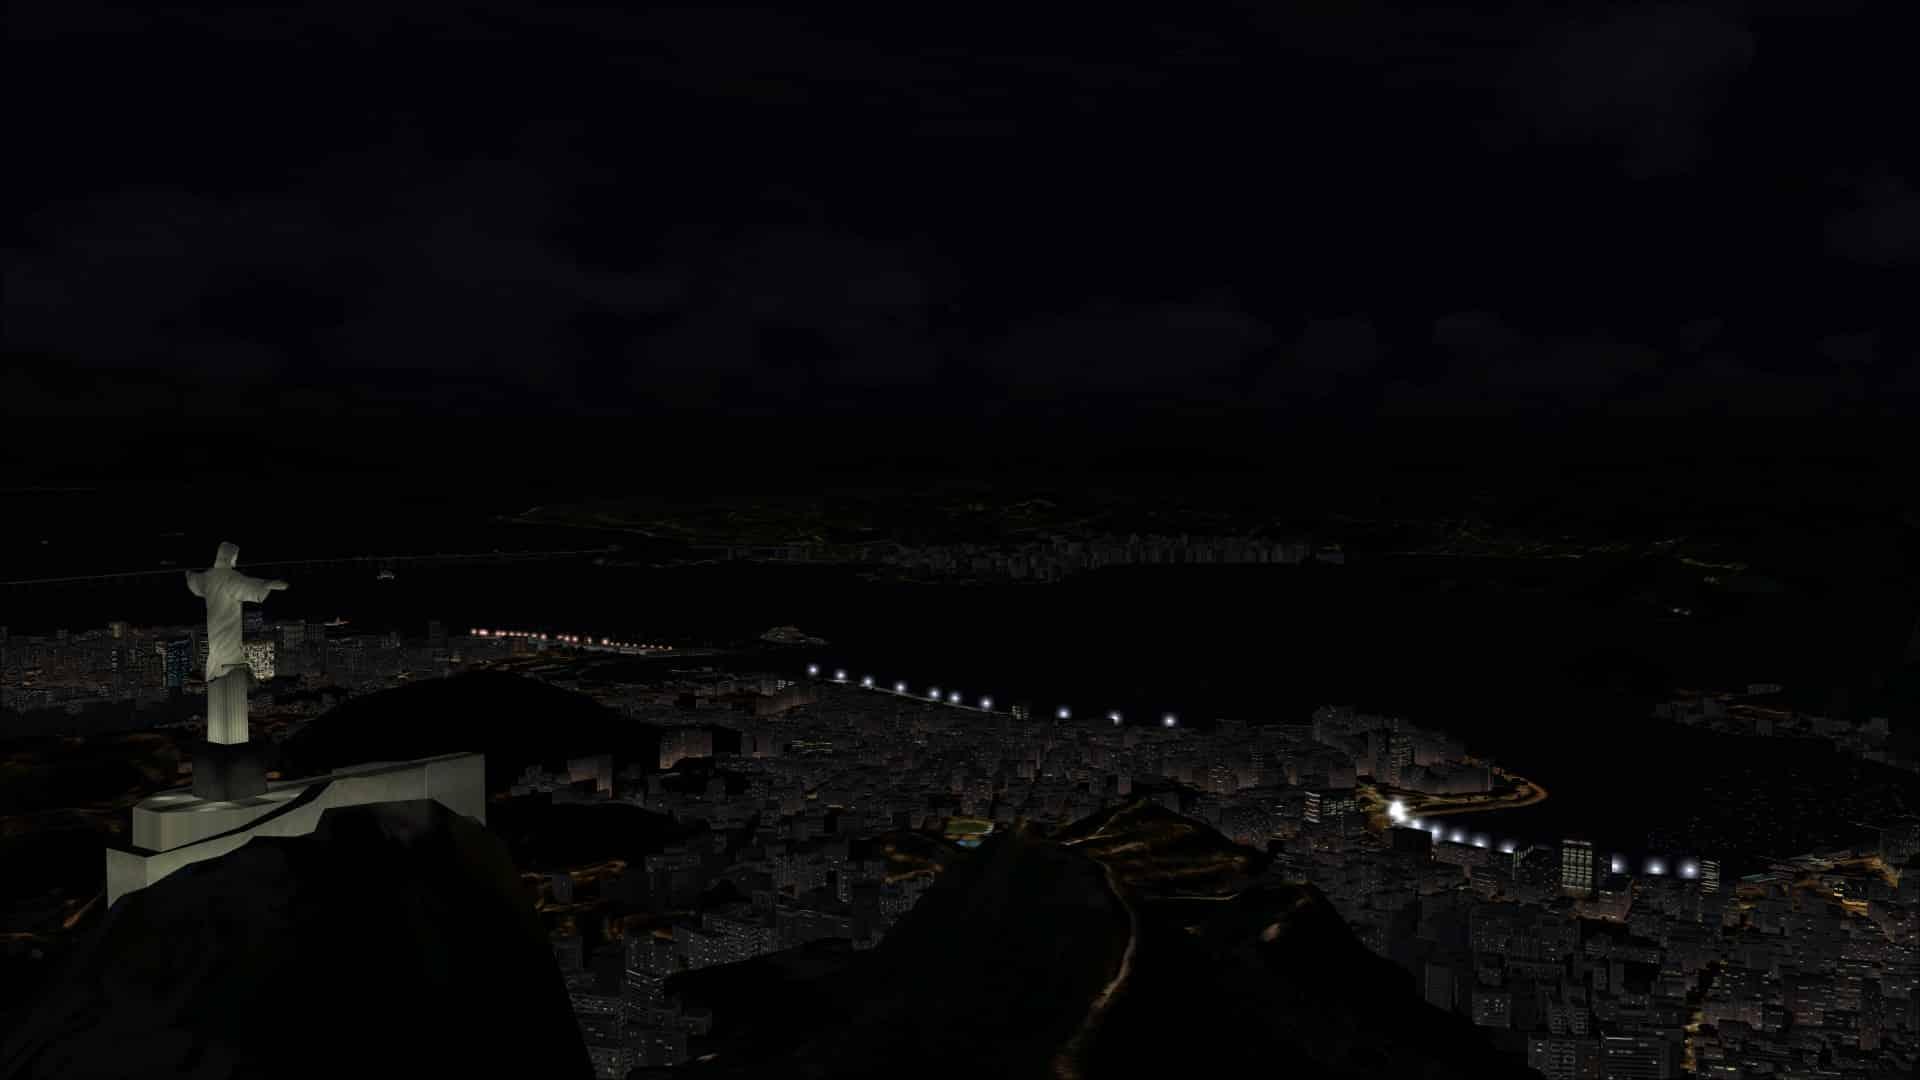 Fsx Mega Rio De janeiro photoreal Complete